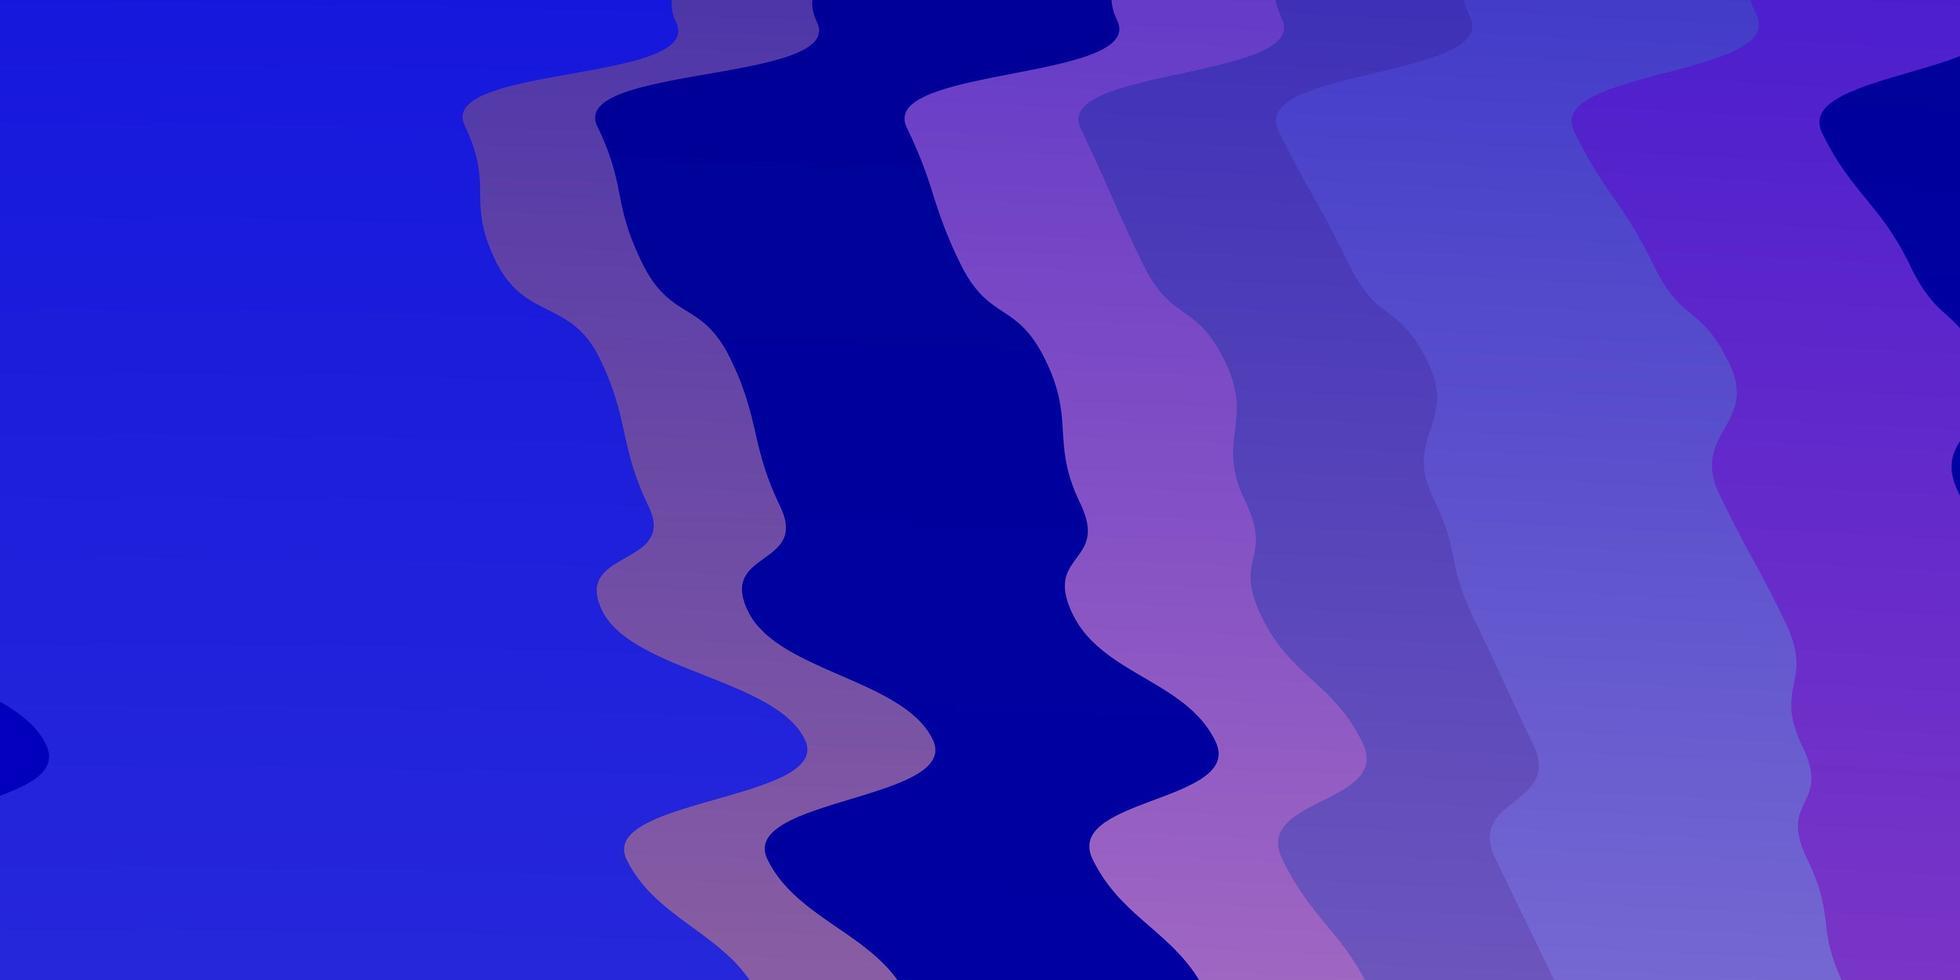 ljusrosa, blå vektorlayout med kurvor. vektor